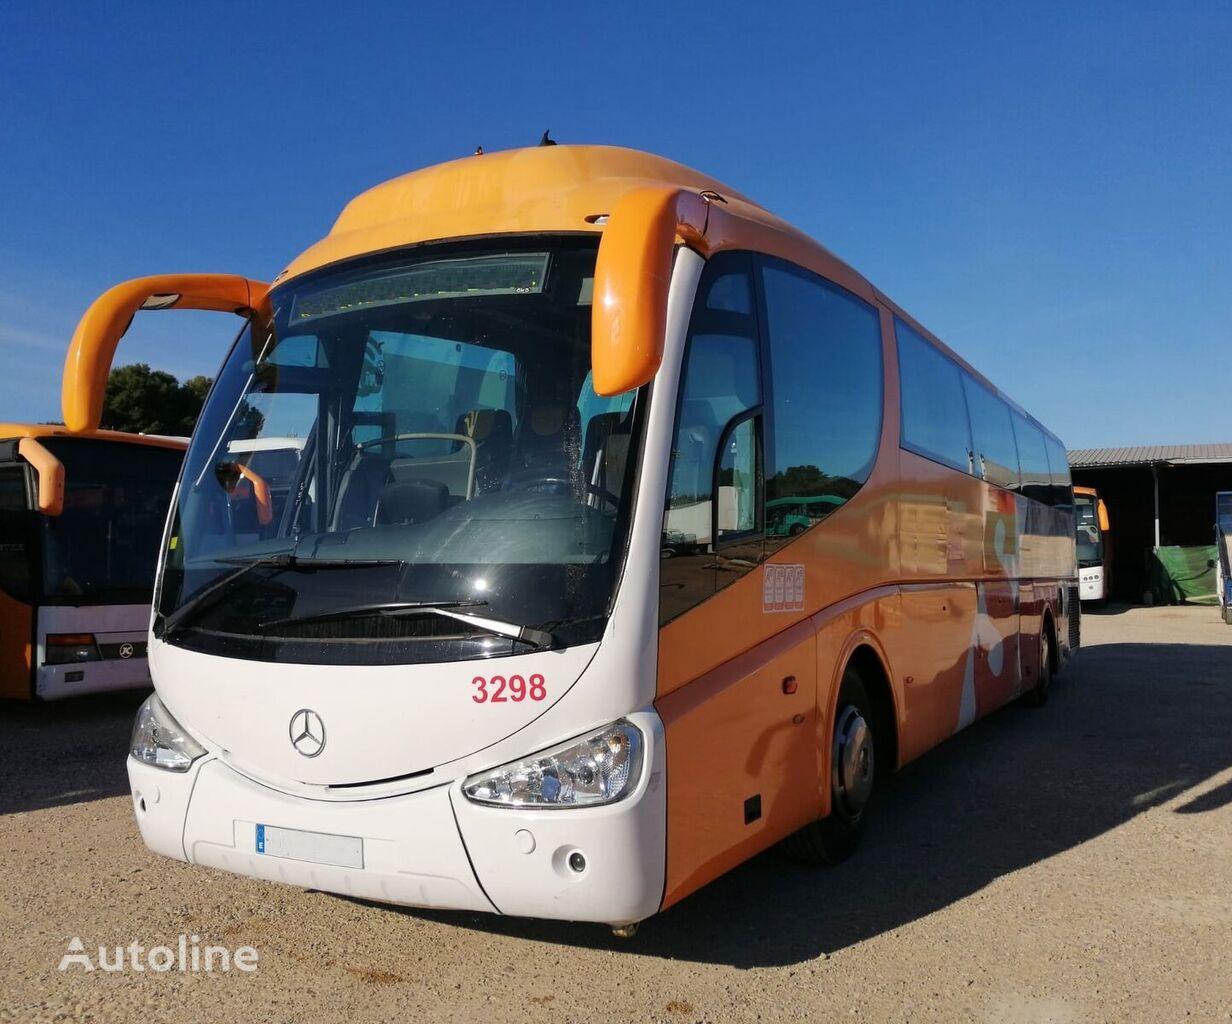 autobús de turismo MERCEDES-BENZ OC 500 - IRIZAR PB + 56 PAX +420 CV+2 CURSOS ESCOLARES